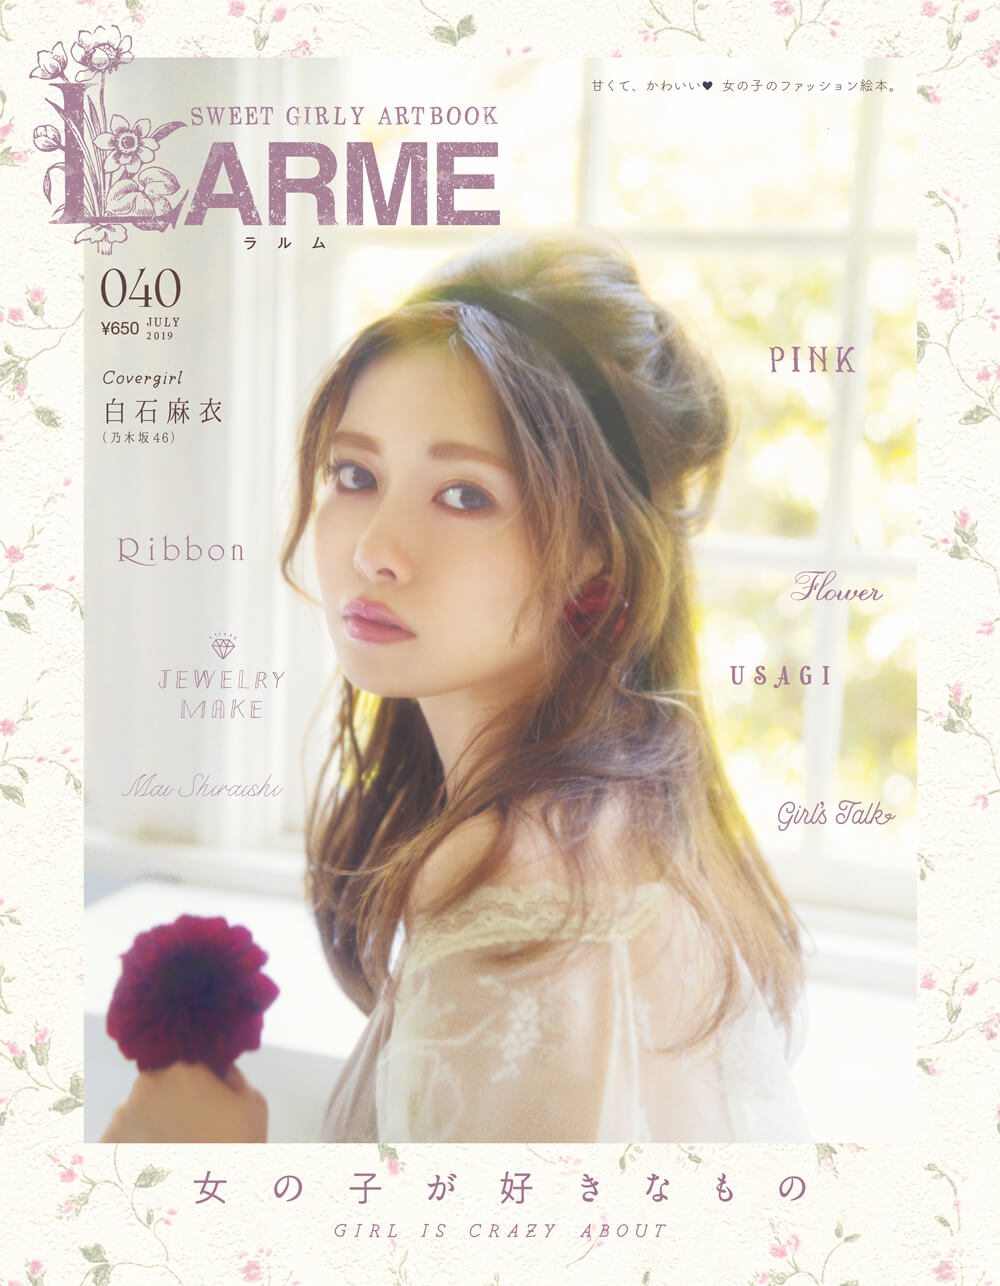 larme_040-07%e6%9c%88%e5%8f%b7_h1-2